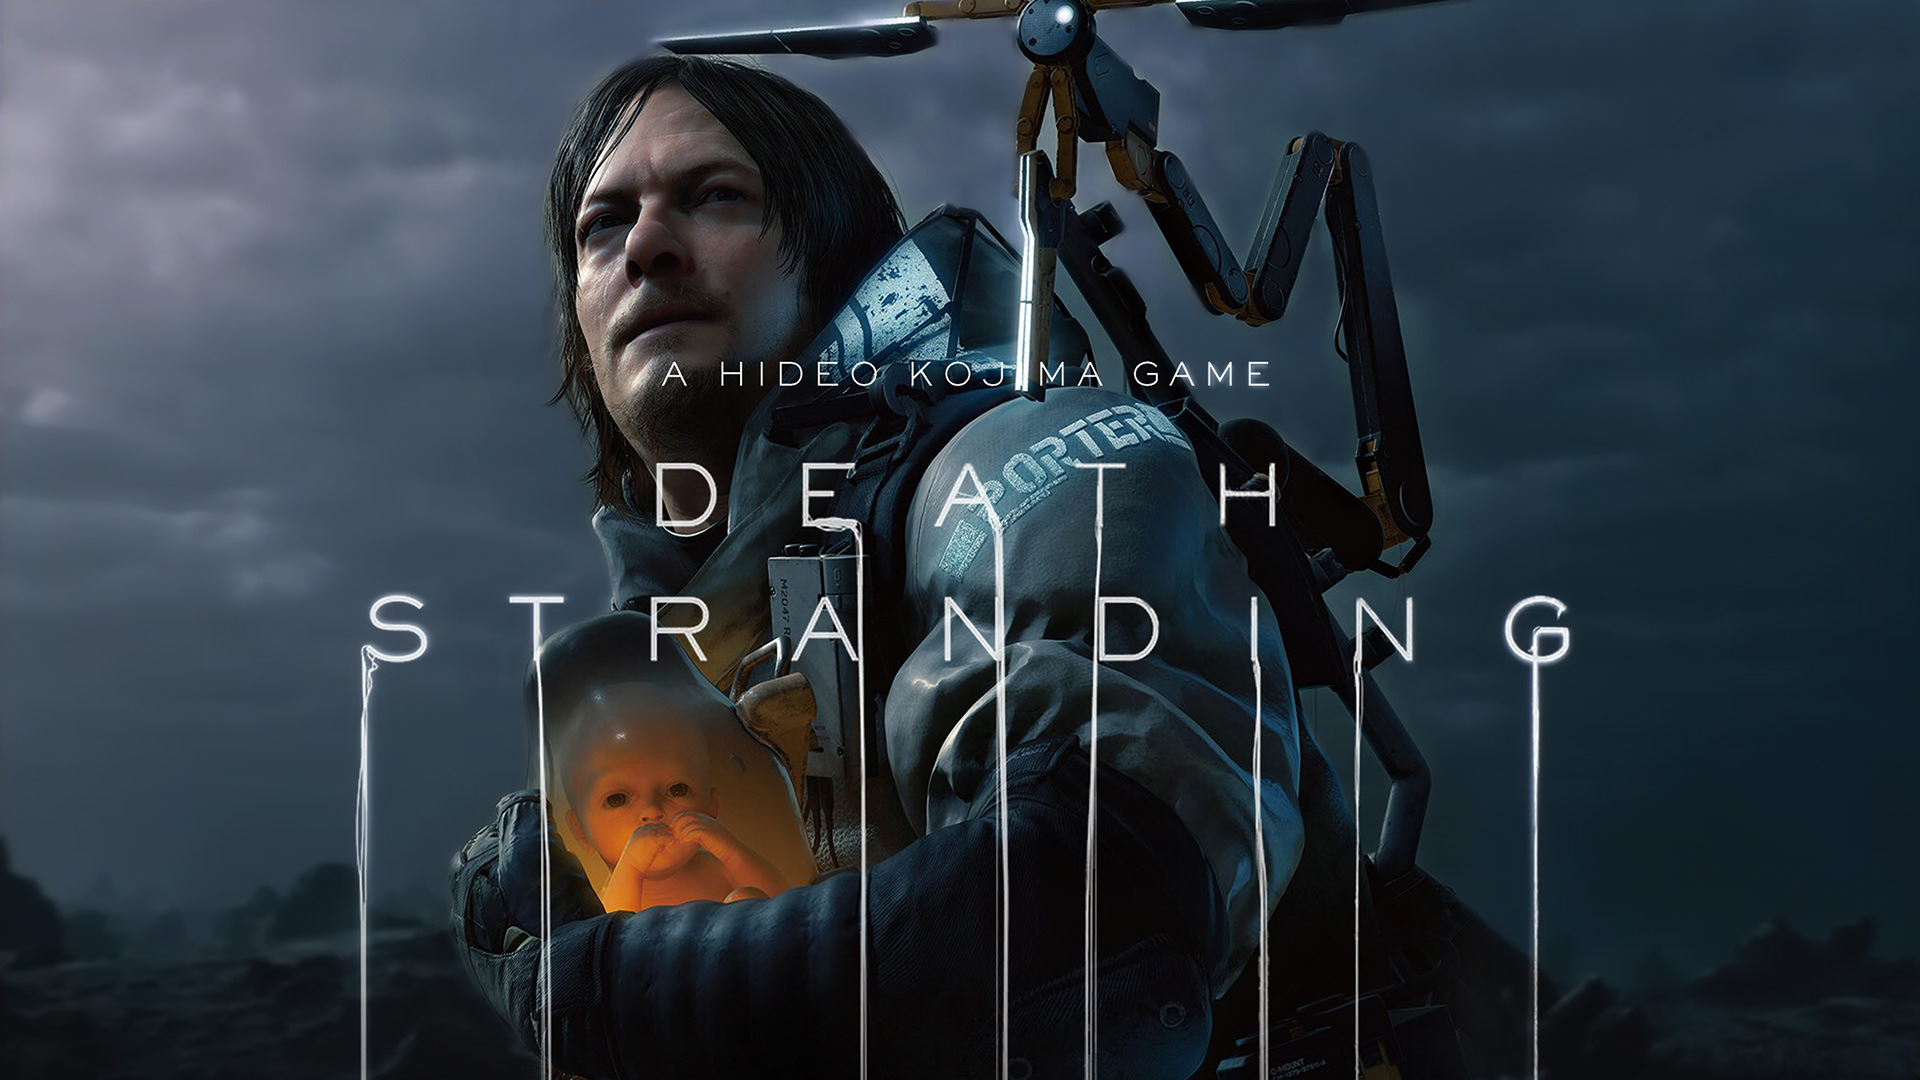 Como cabría esperar, habrá juegos intergeneracionales. Se rumorea que el Thriller de ciencia ficción deHideoKojima,DeathStranding, será uno, teniendo un lanzamiento simultaneo en PS4 y PS5.